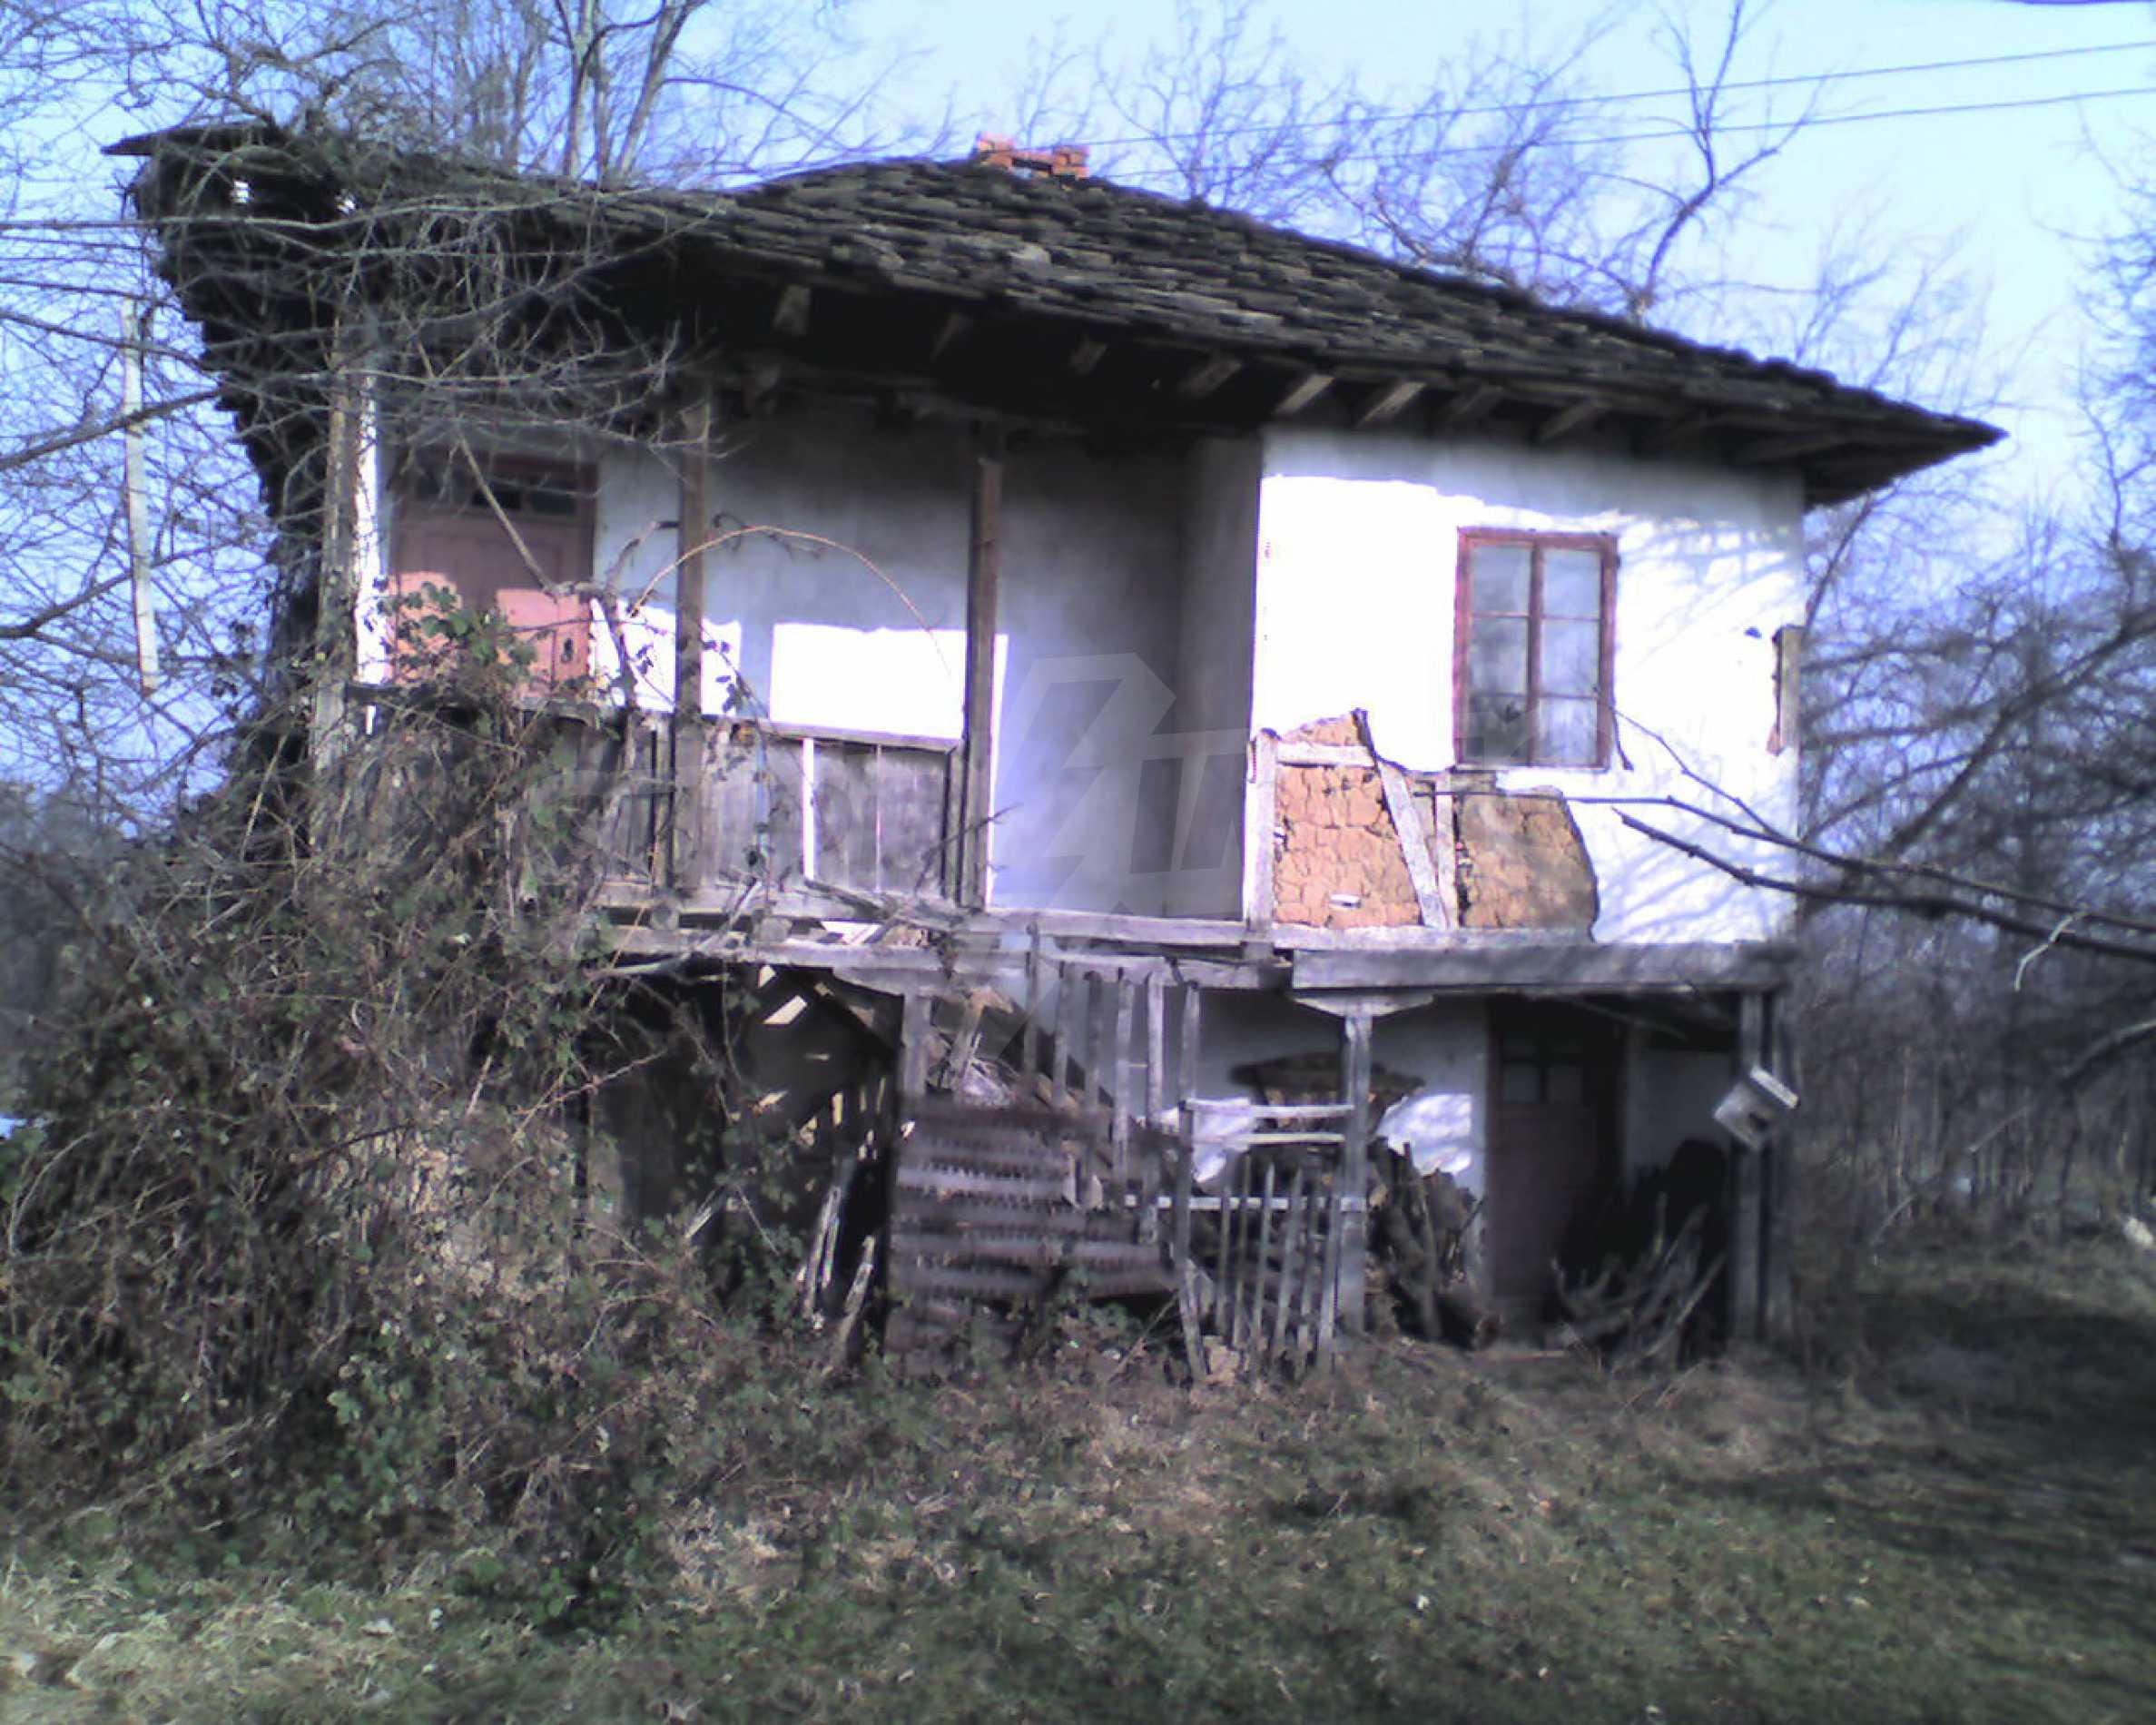 Zweistöckiges Anwesen in der Nähe eines Sees und auf dem Balkan